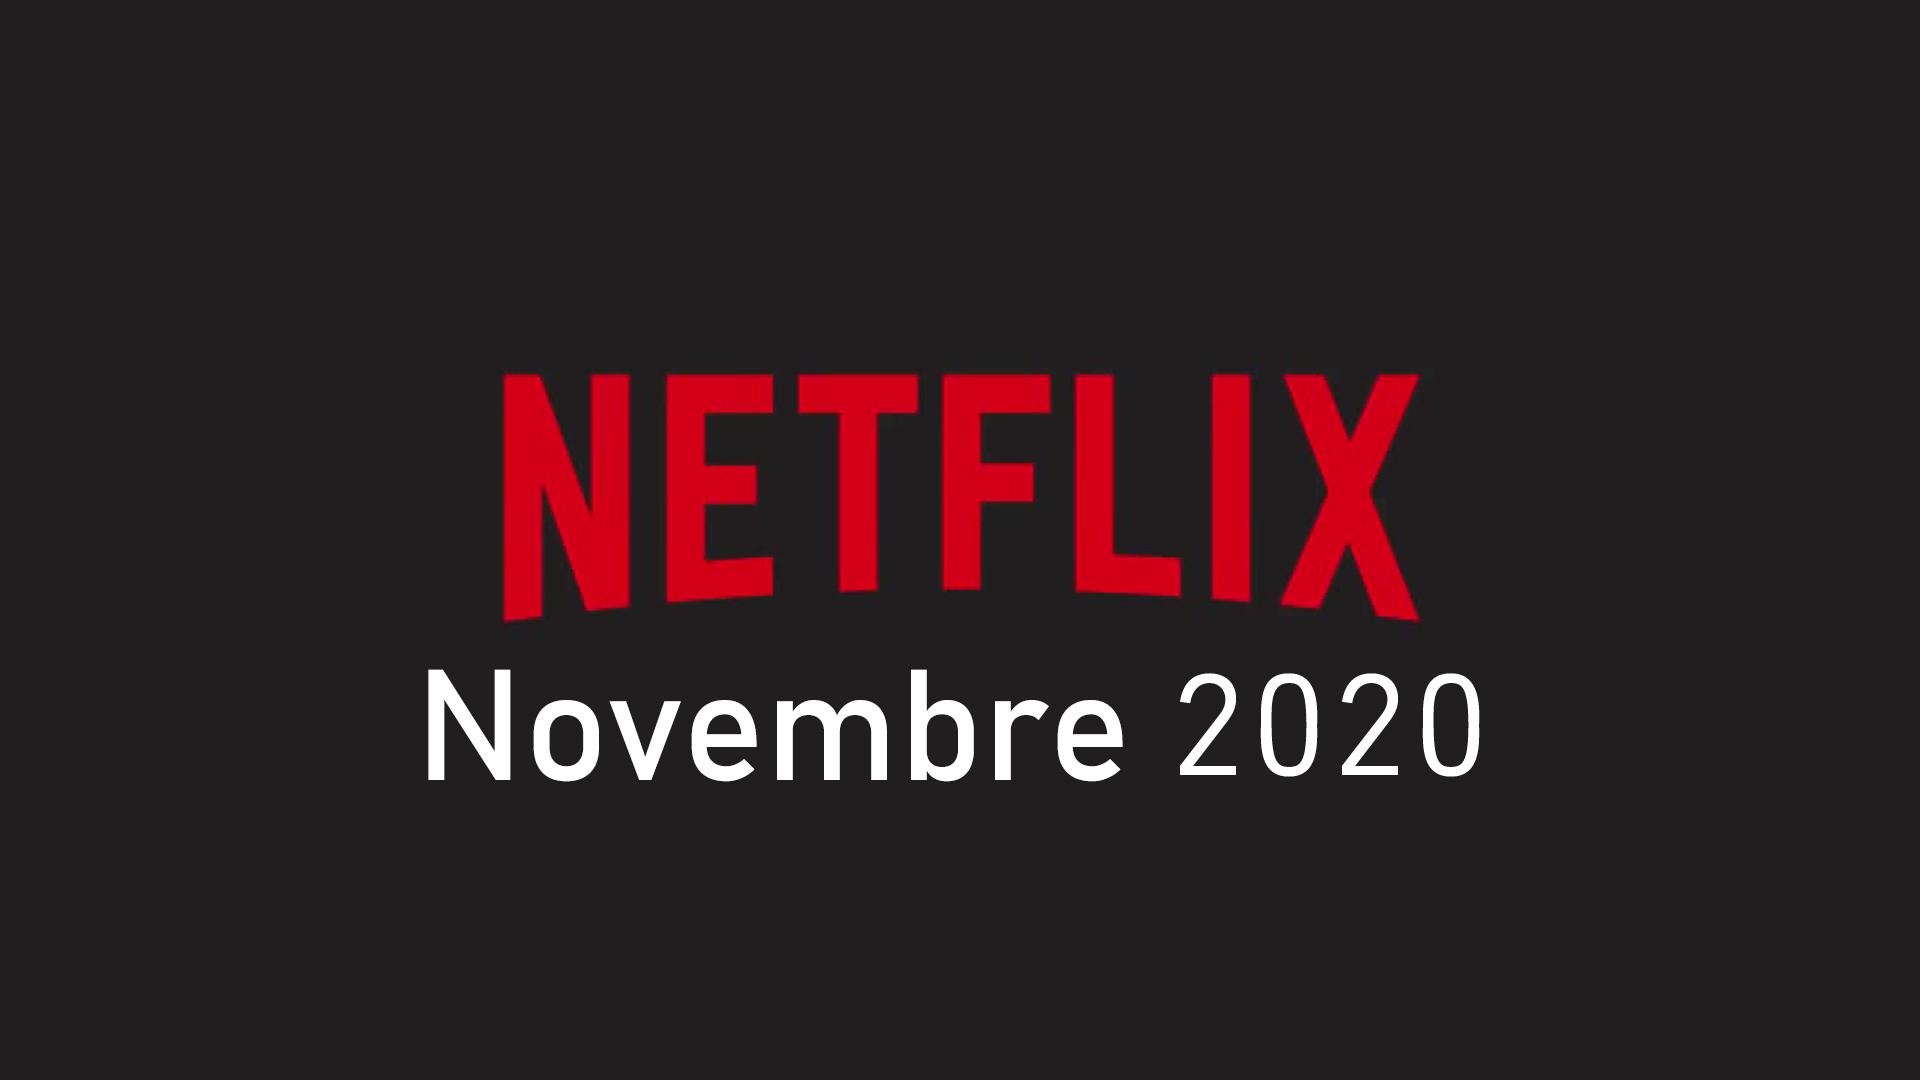 Netflix novembre 2020